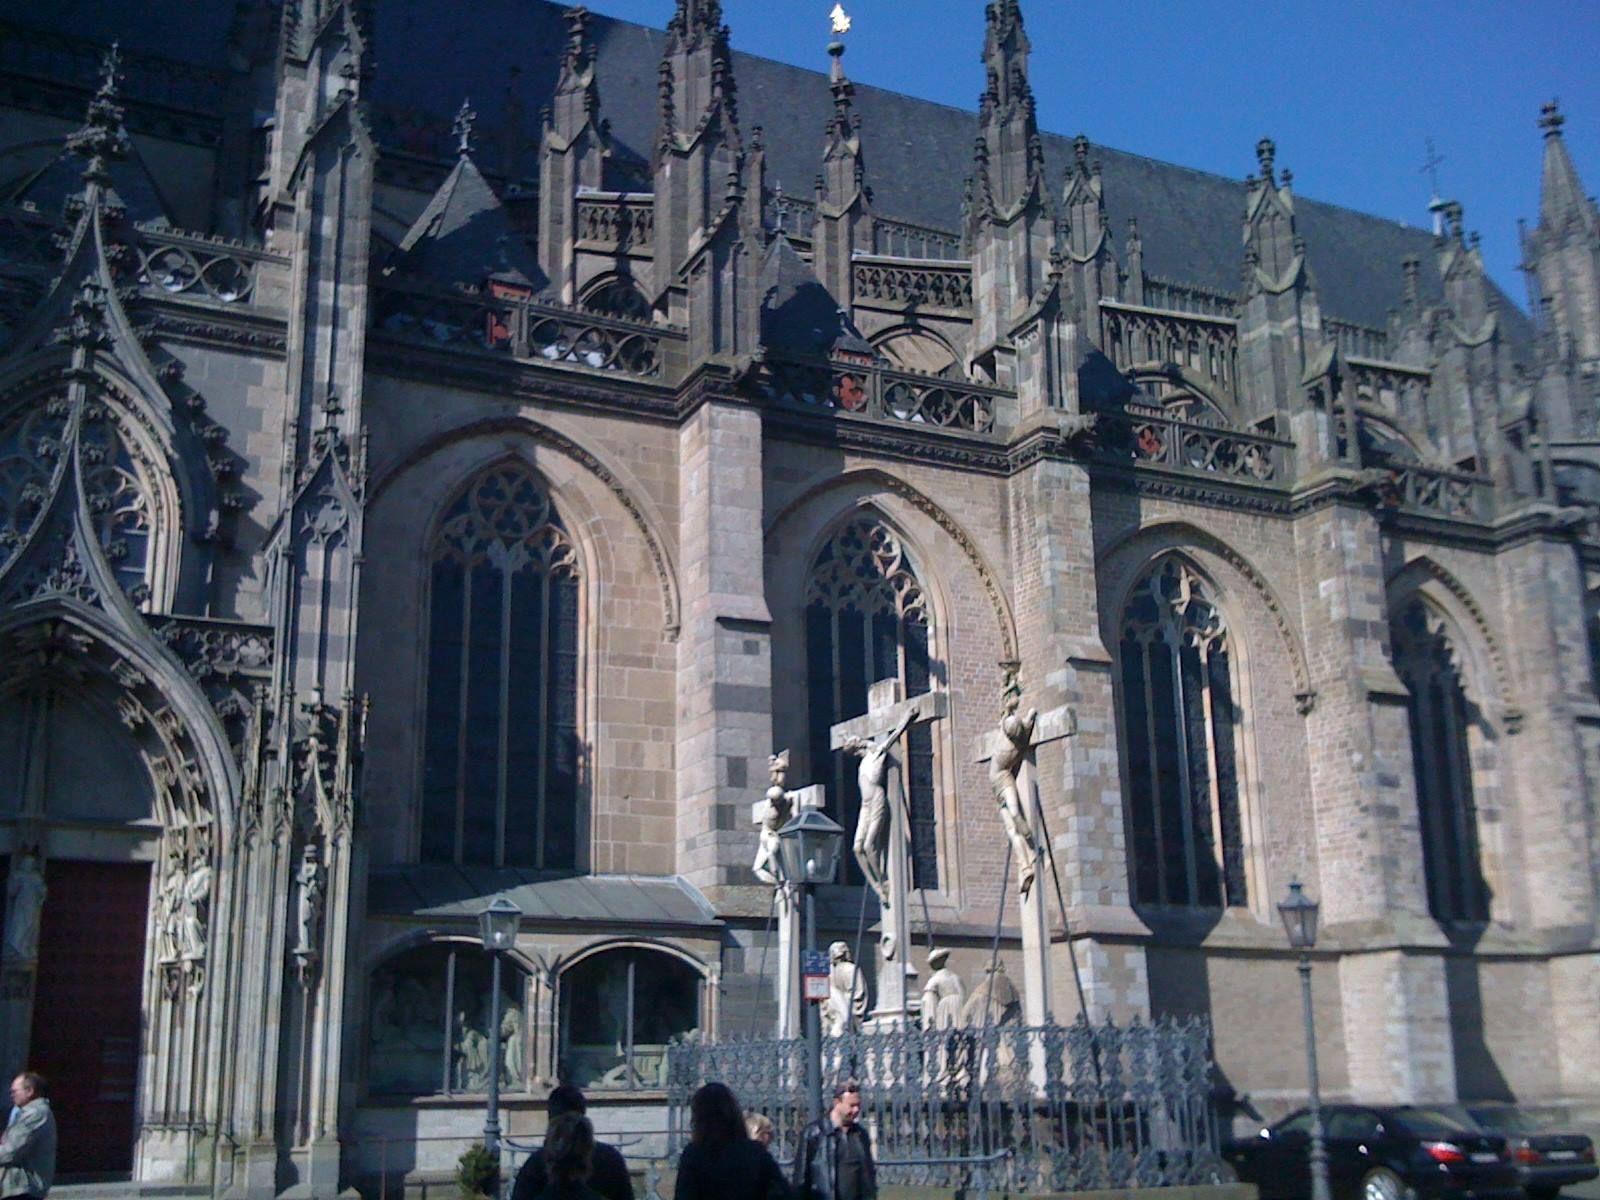 Dom zu Xanten am Niederrhein